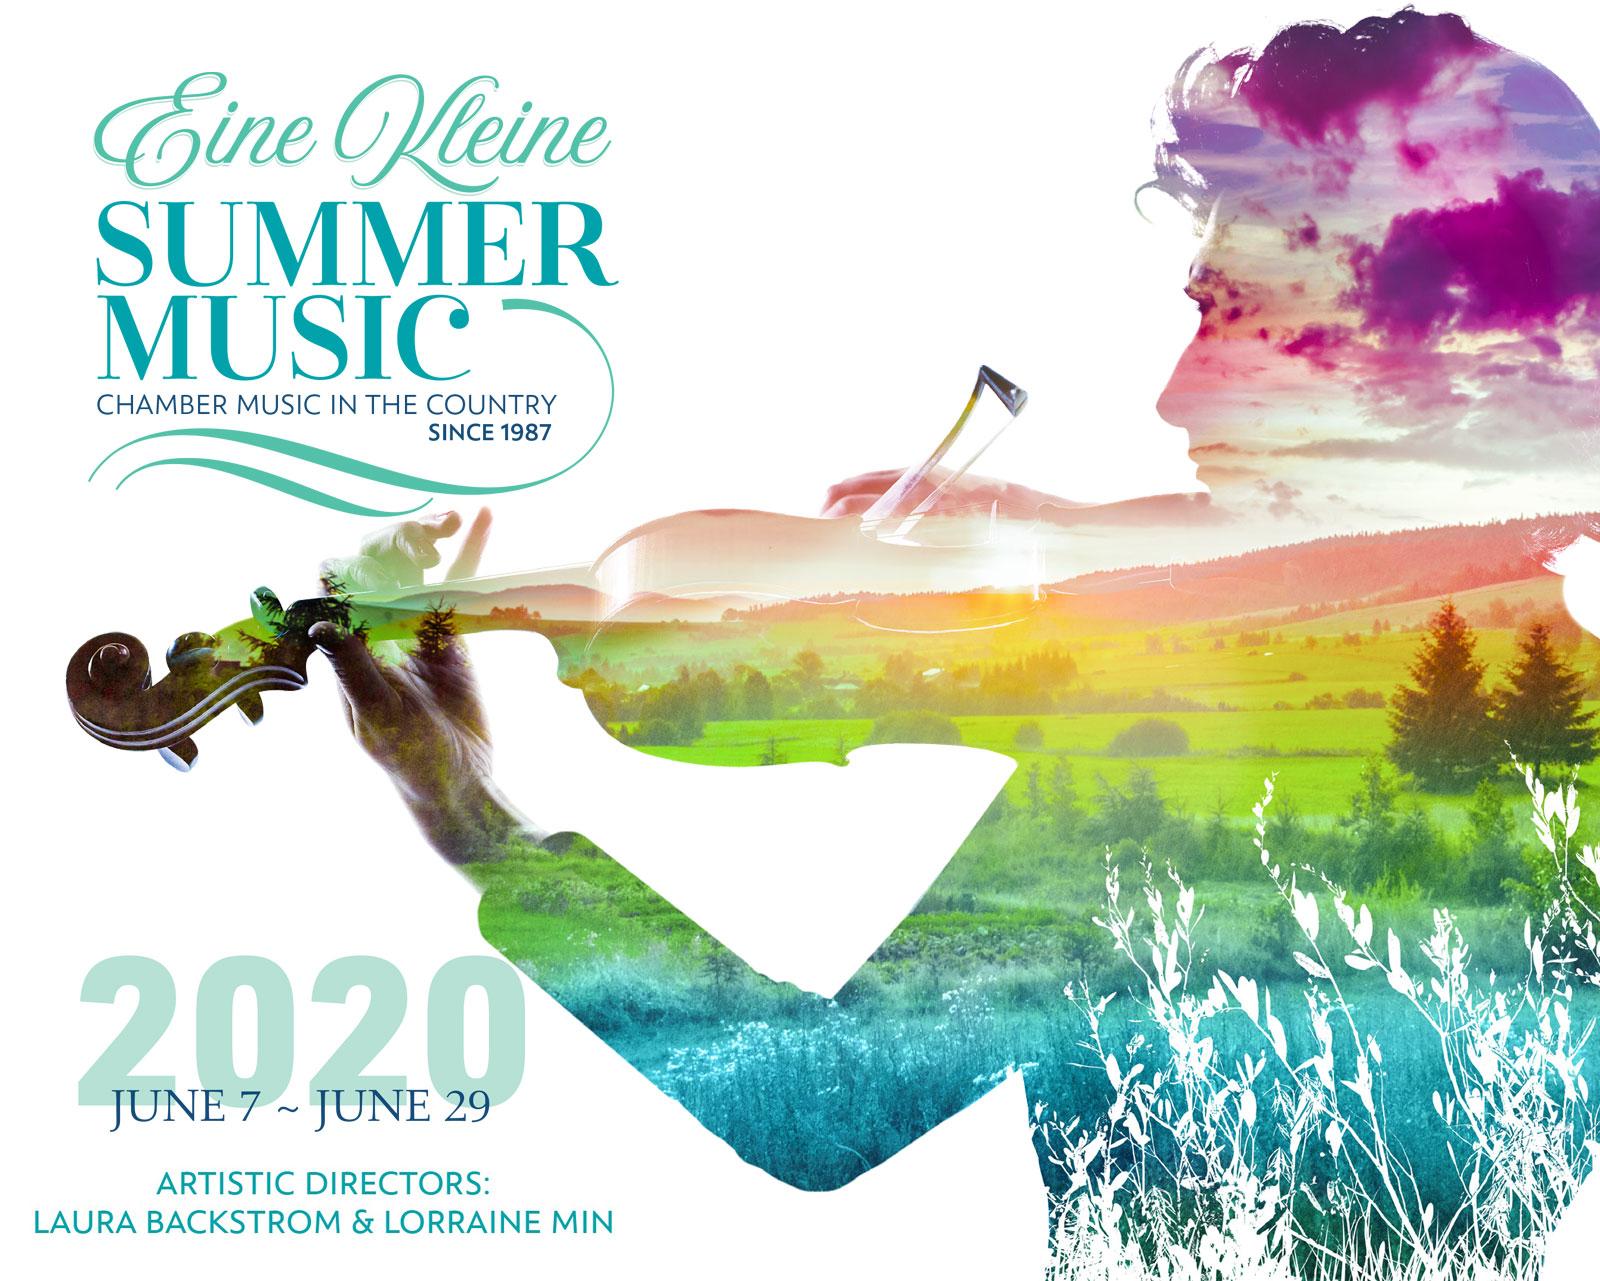 2020 Poster Eine Kleine Summer Music